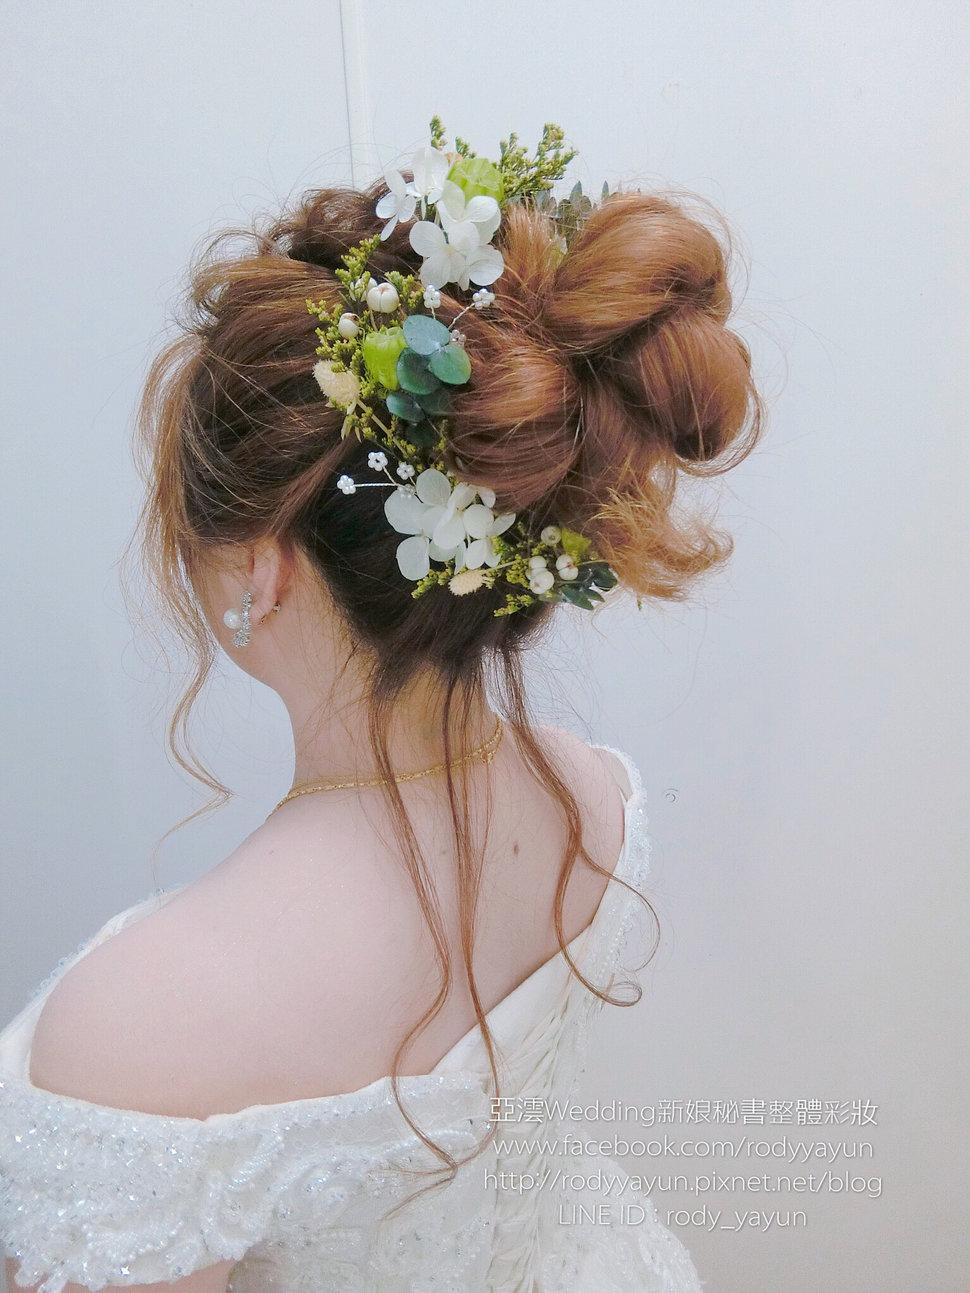 598AAE32-09AA-4347-BF27-BC2045115DB0 - 亞澐 Wedding 新娘秘書 整體彩妝《結婚吧》